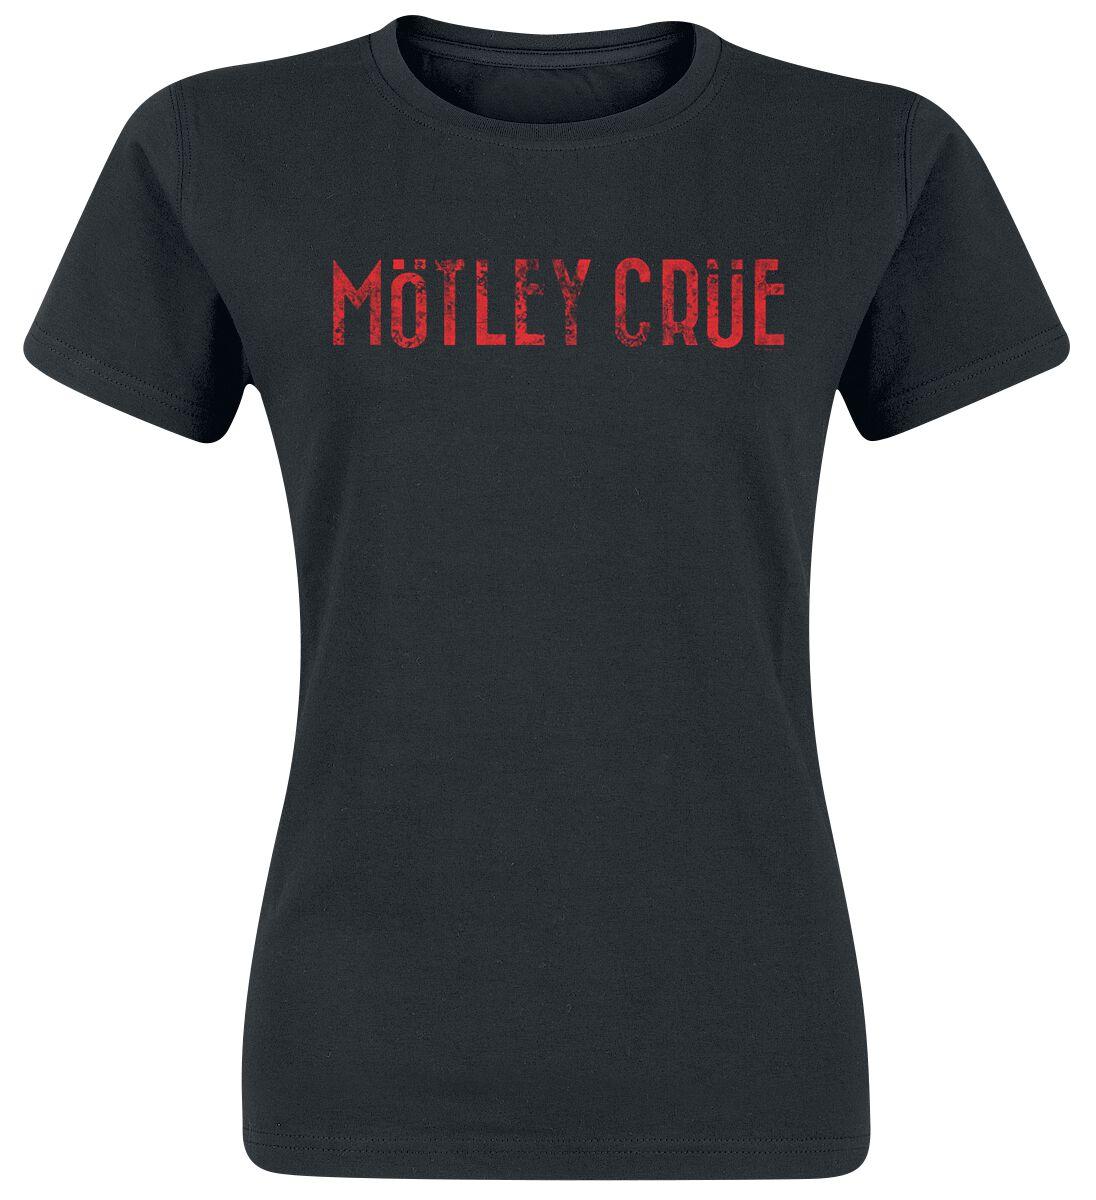 Zespoły - Koszulki - Koszulka damska Mötley Crüe Logo Koszulka damska czarny - 368524